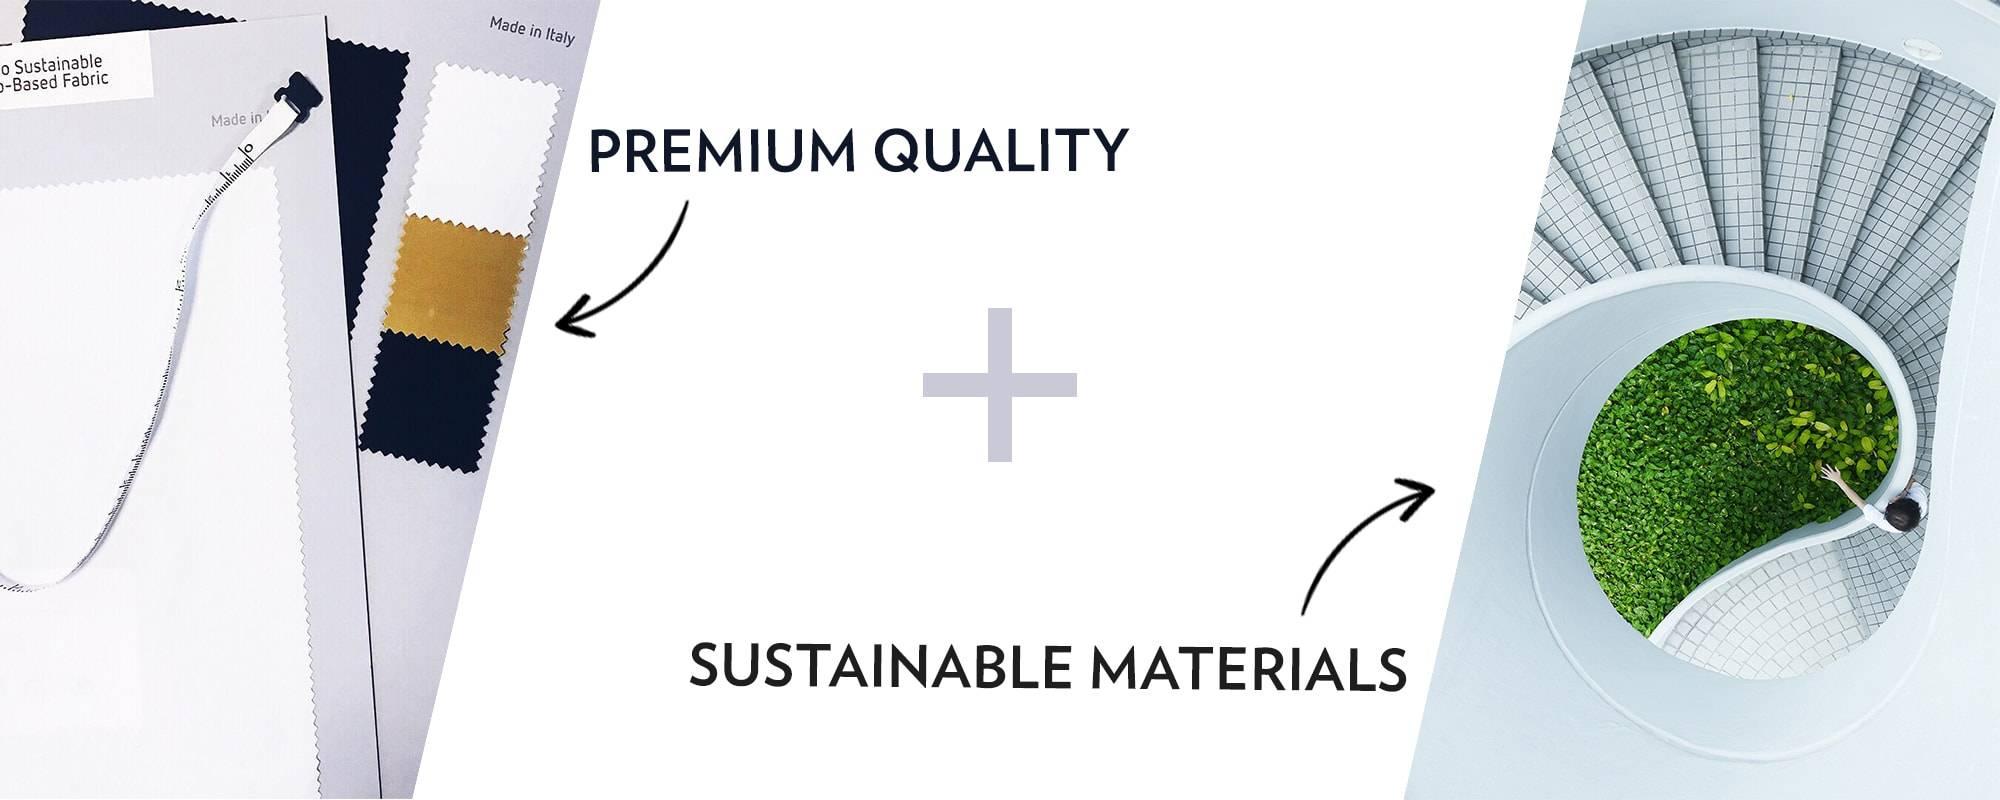 Svenklas materials.